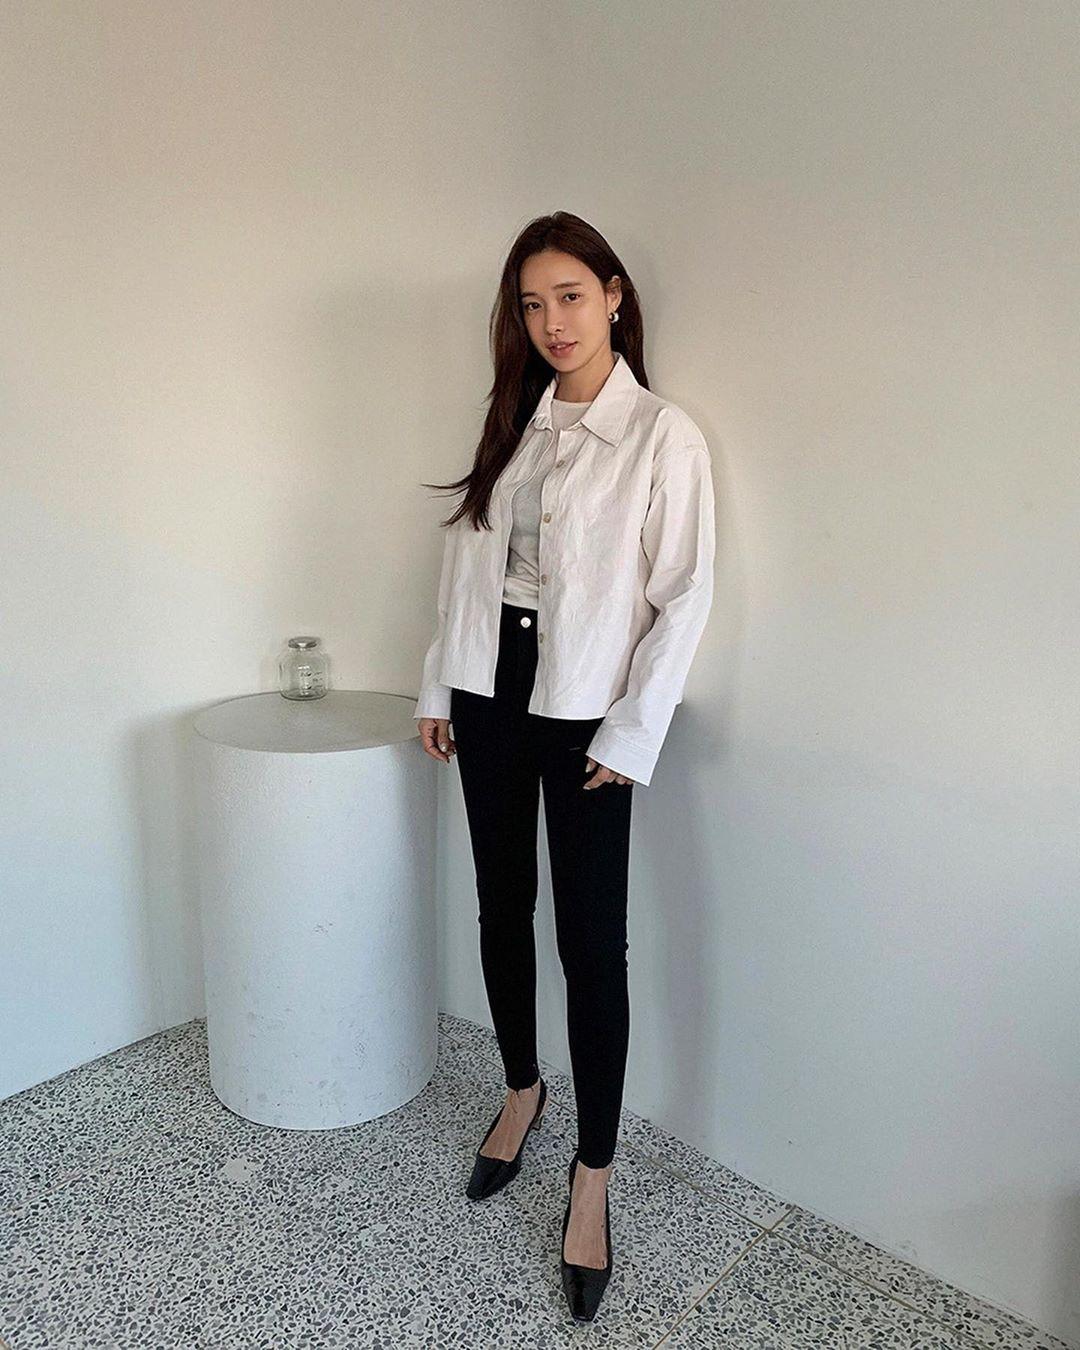 Dù quần jeans dáng ôm có hot hay không, Son Ye Jin vẫn chẳng ngán diện từ phim đến đời thực - Ảnh 12